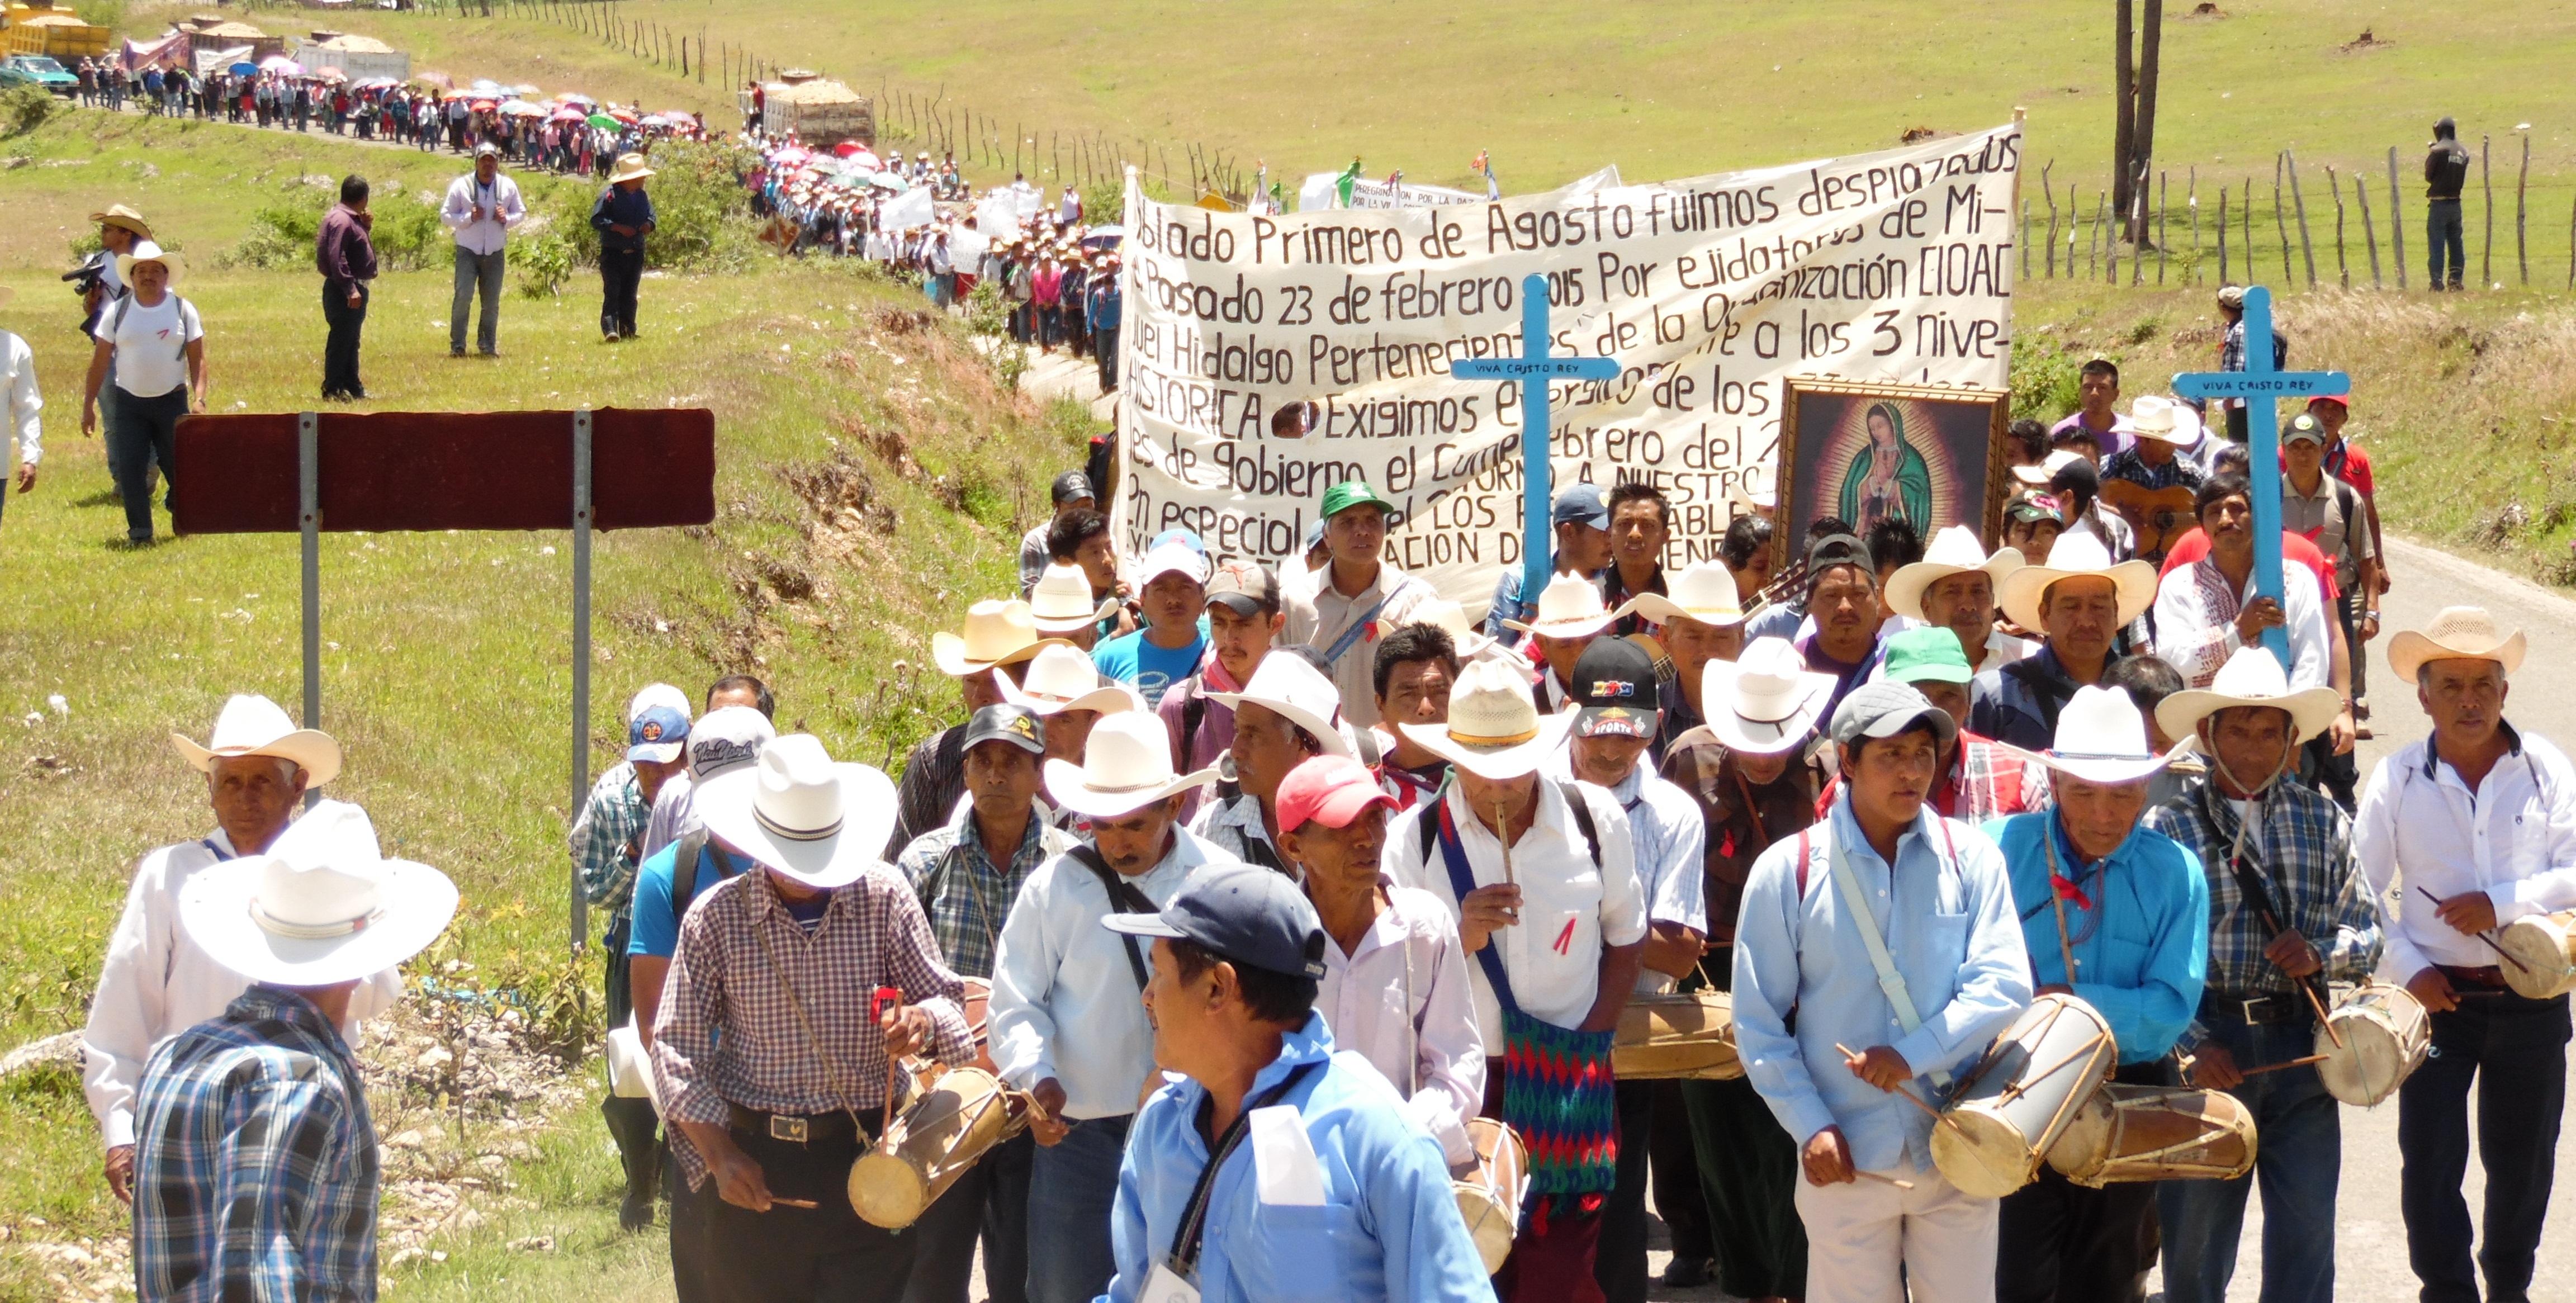 """El gobierno del estado """"omiso"""", evidencian indígenas tojolabales desplazados, ante nuevo hostigamiento de la CIOAC-H."""